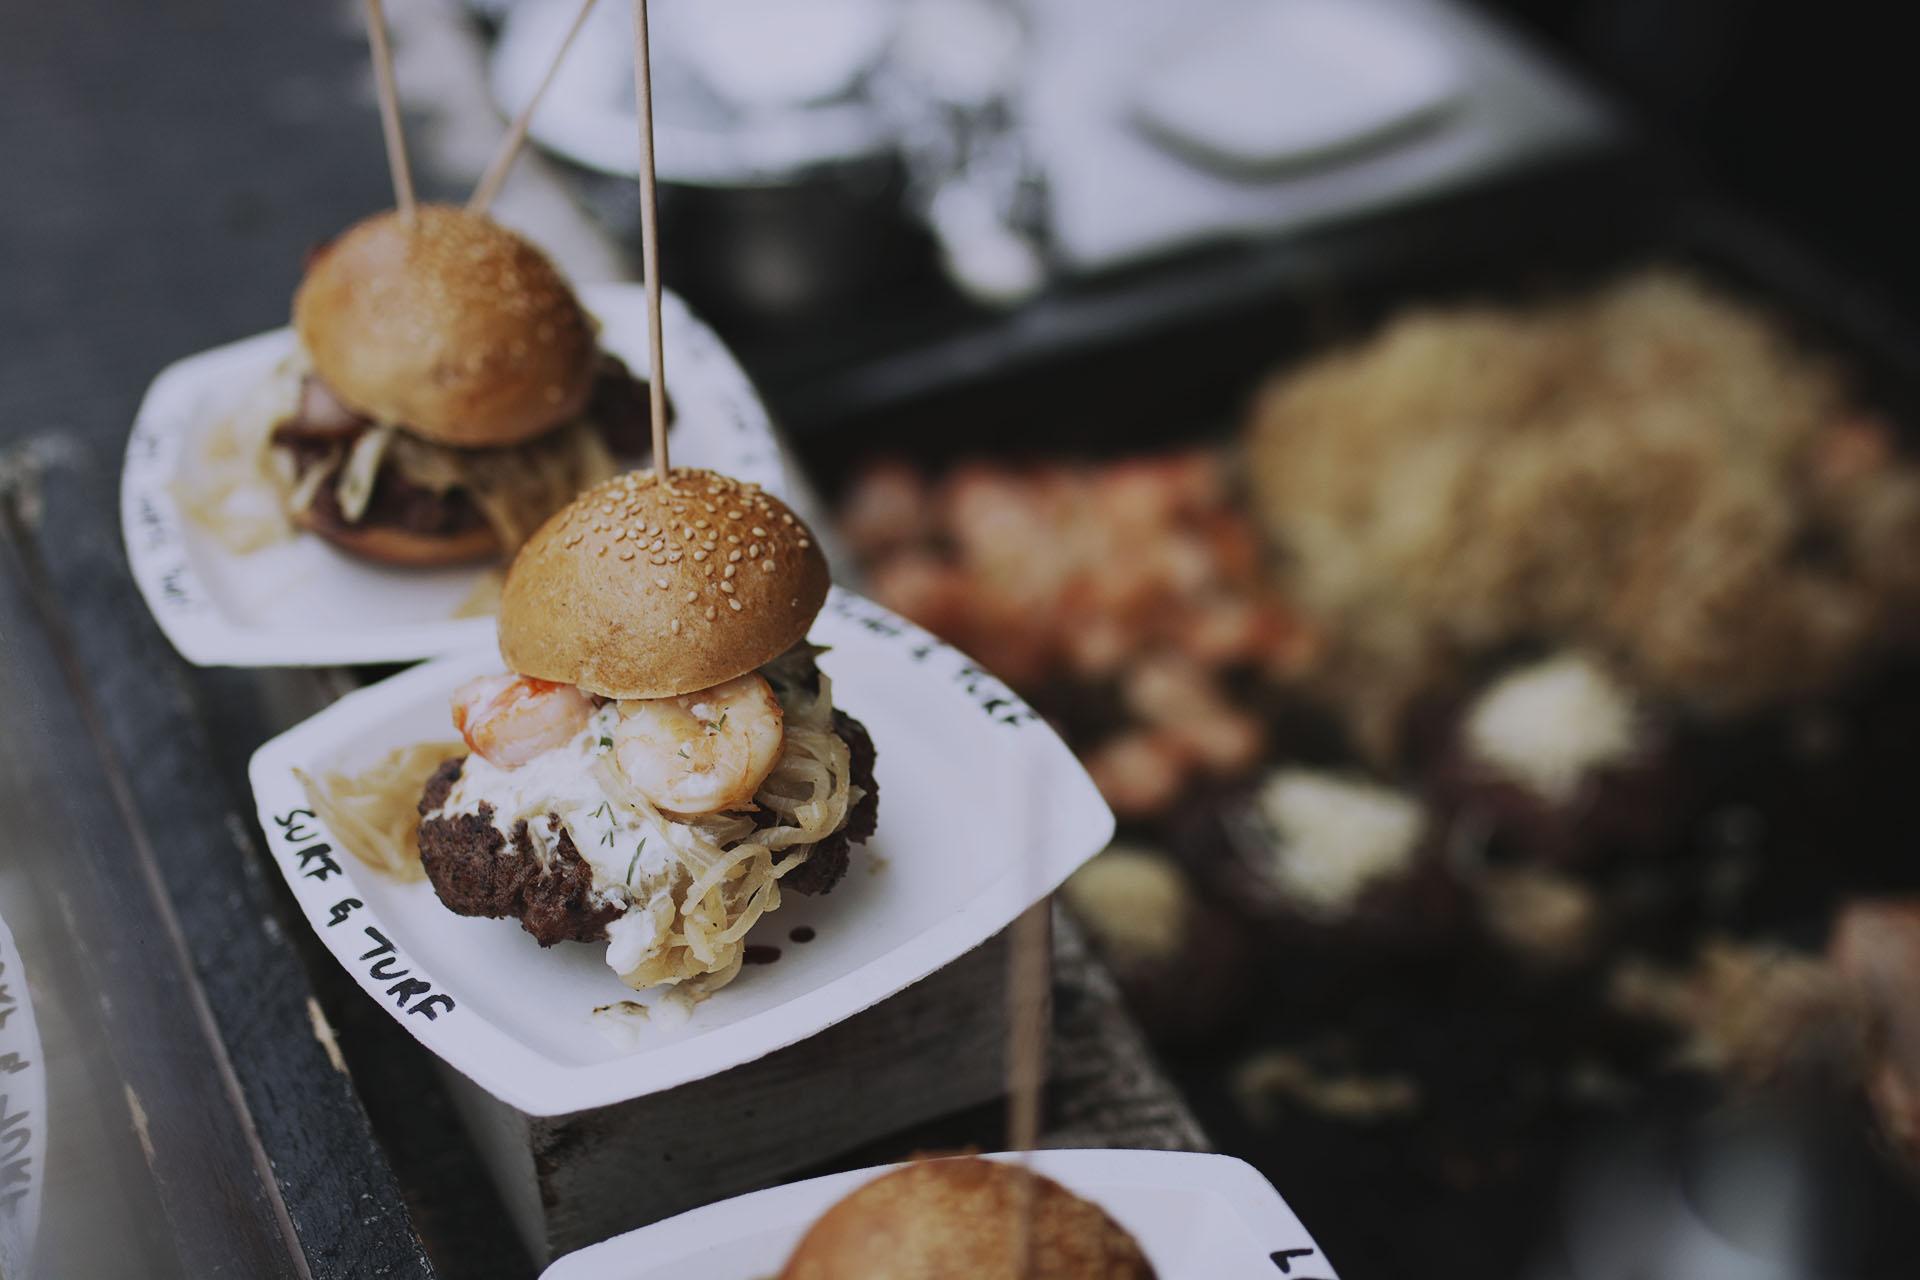 burgerfestival_wearecity_köln2.jpg